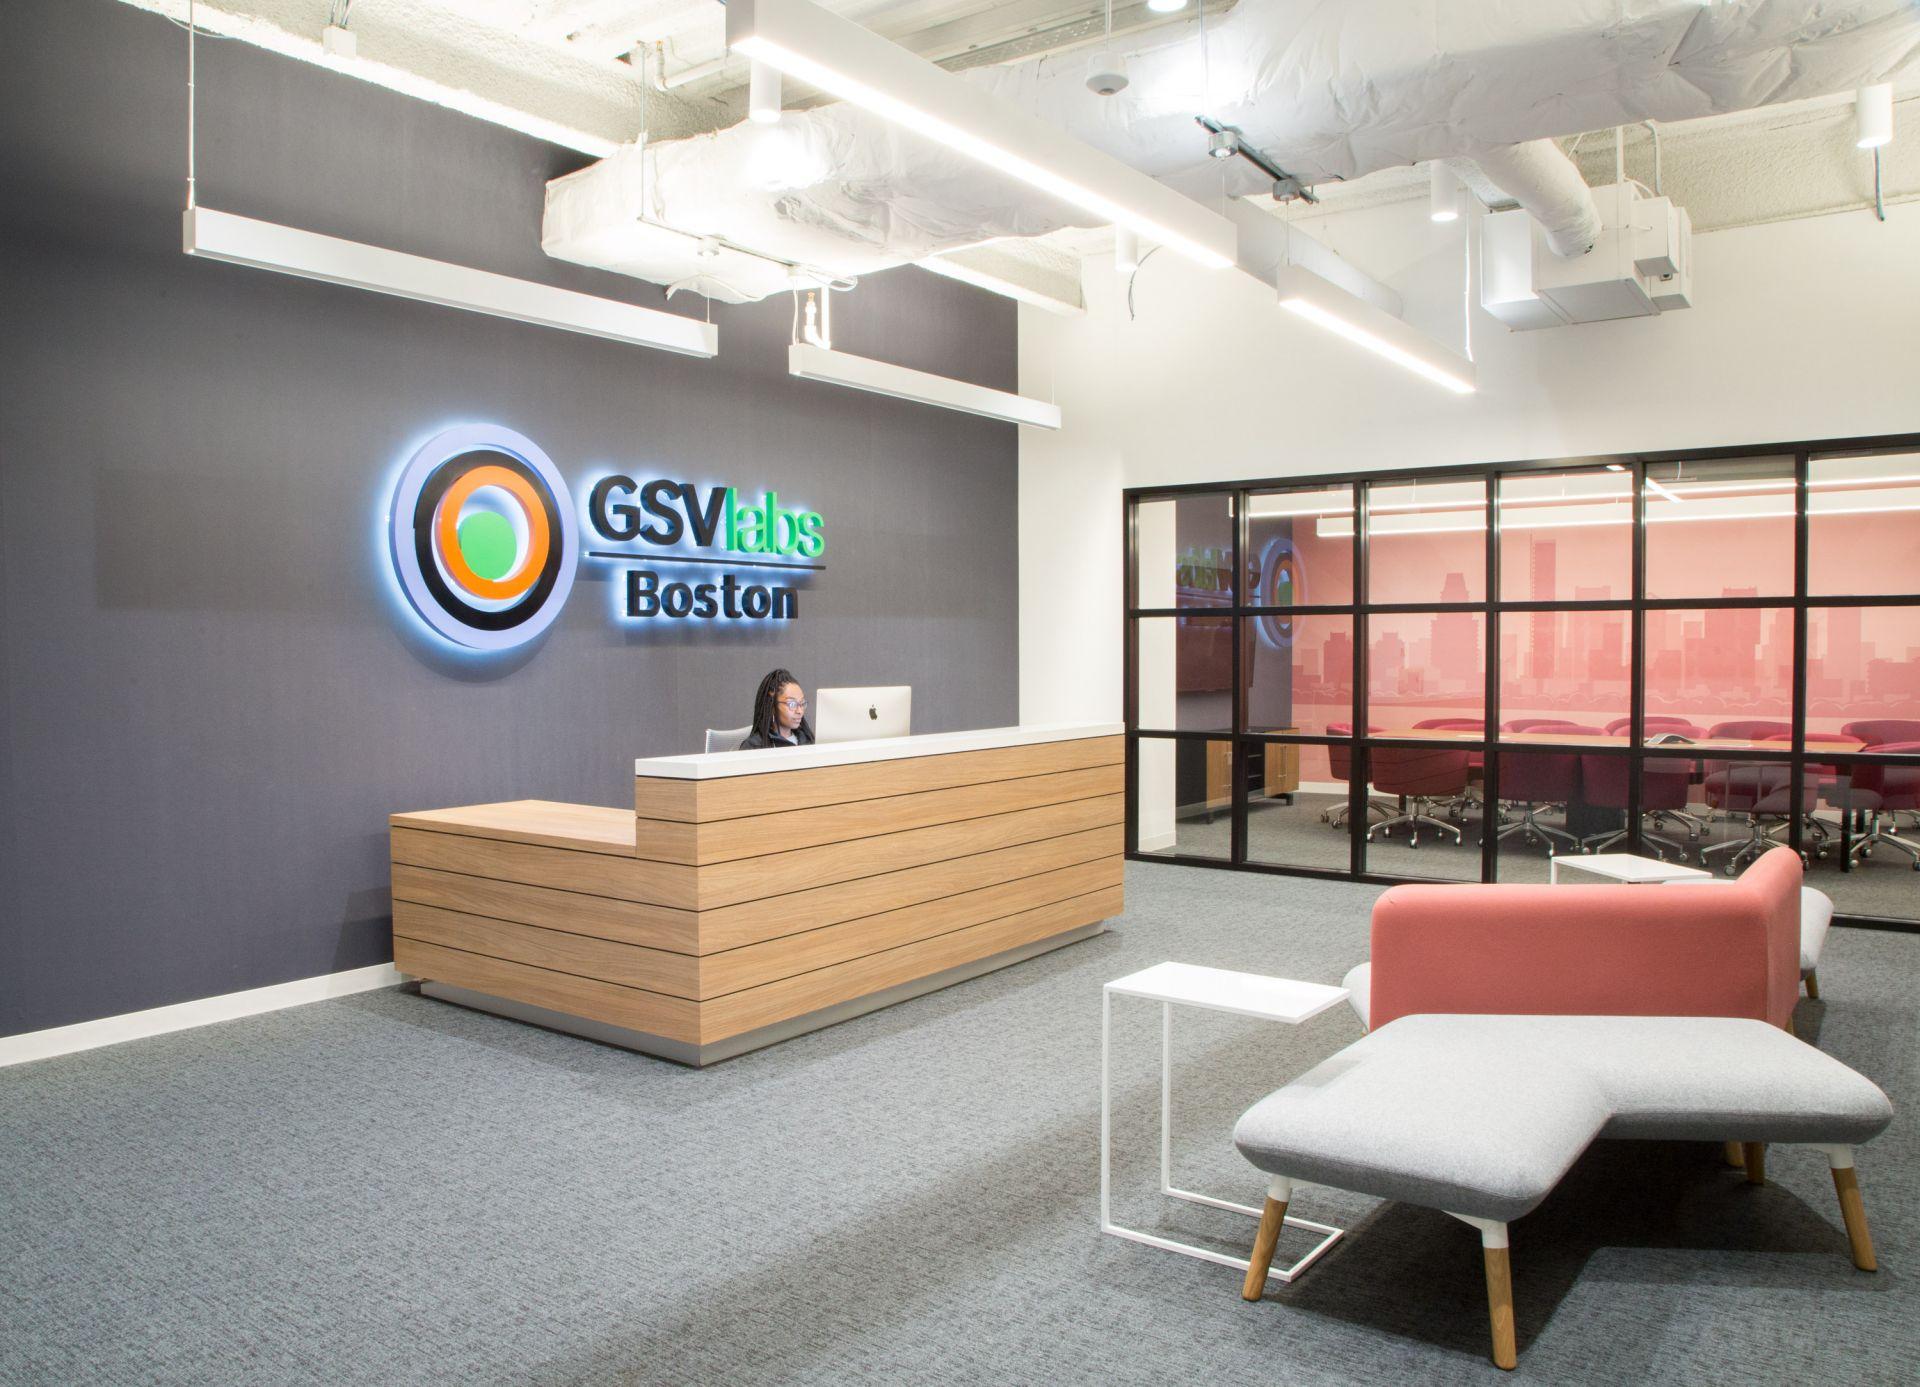 GSVlabs Boston, Boston